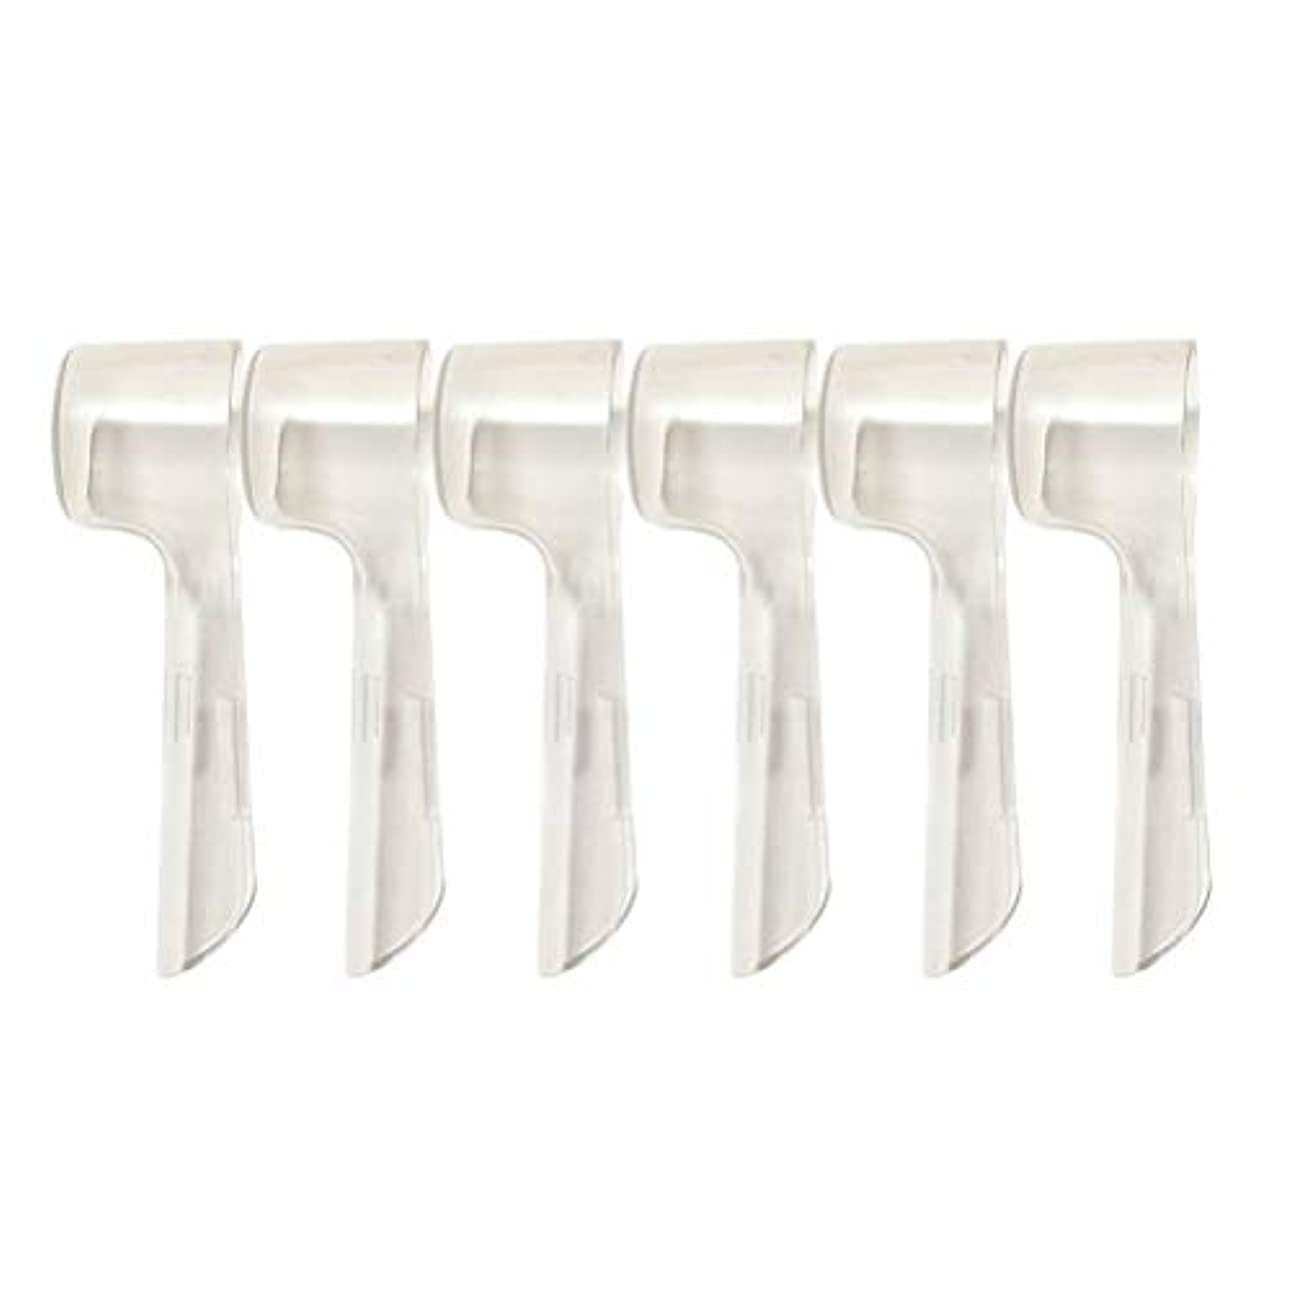 強調するタブレット接続詞Healifty 10本の歯ブラシカバー電動歯ブラシは旅行やその他の衛生に便利です。